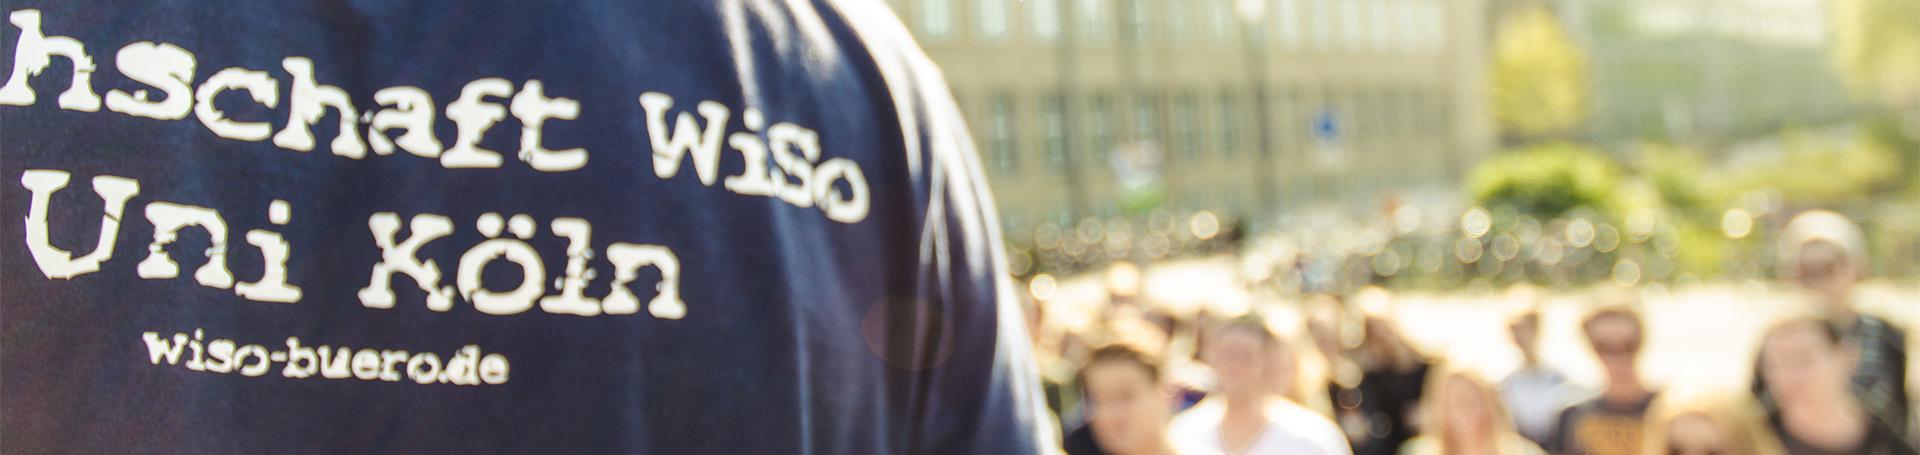 WiSo-Buero